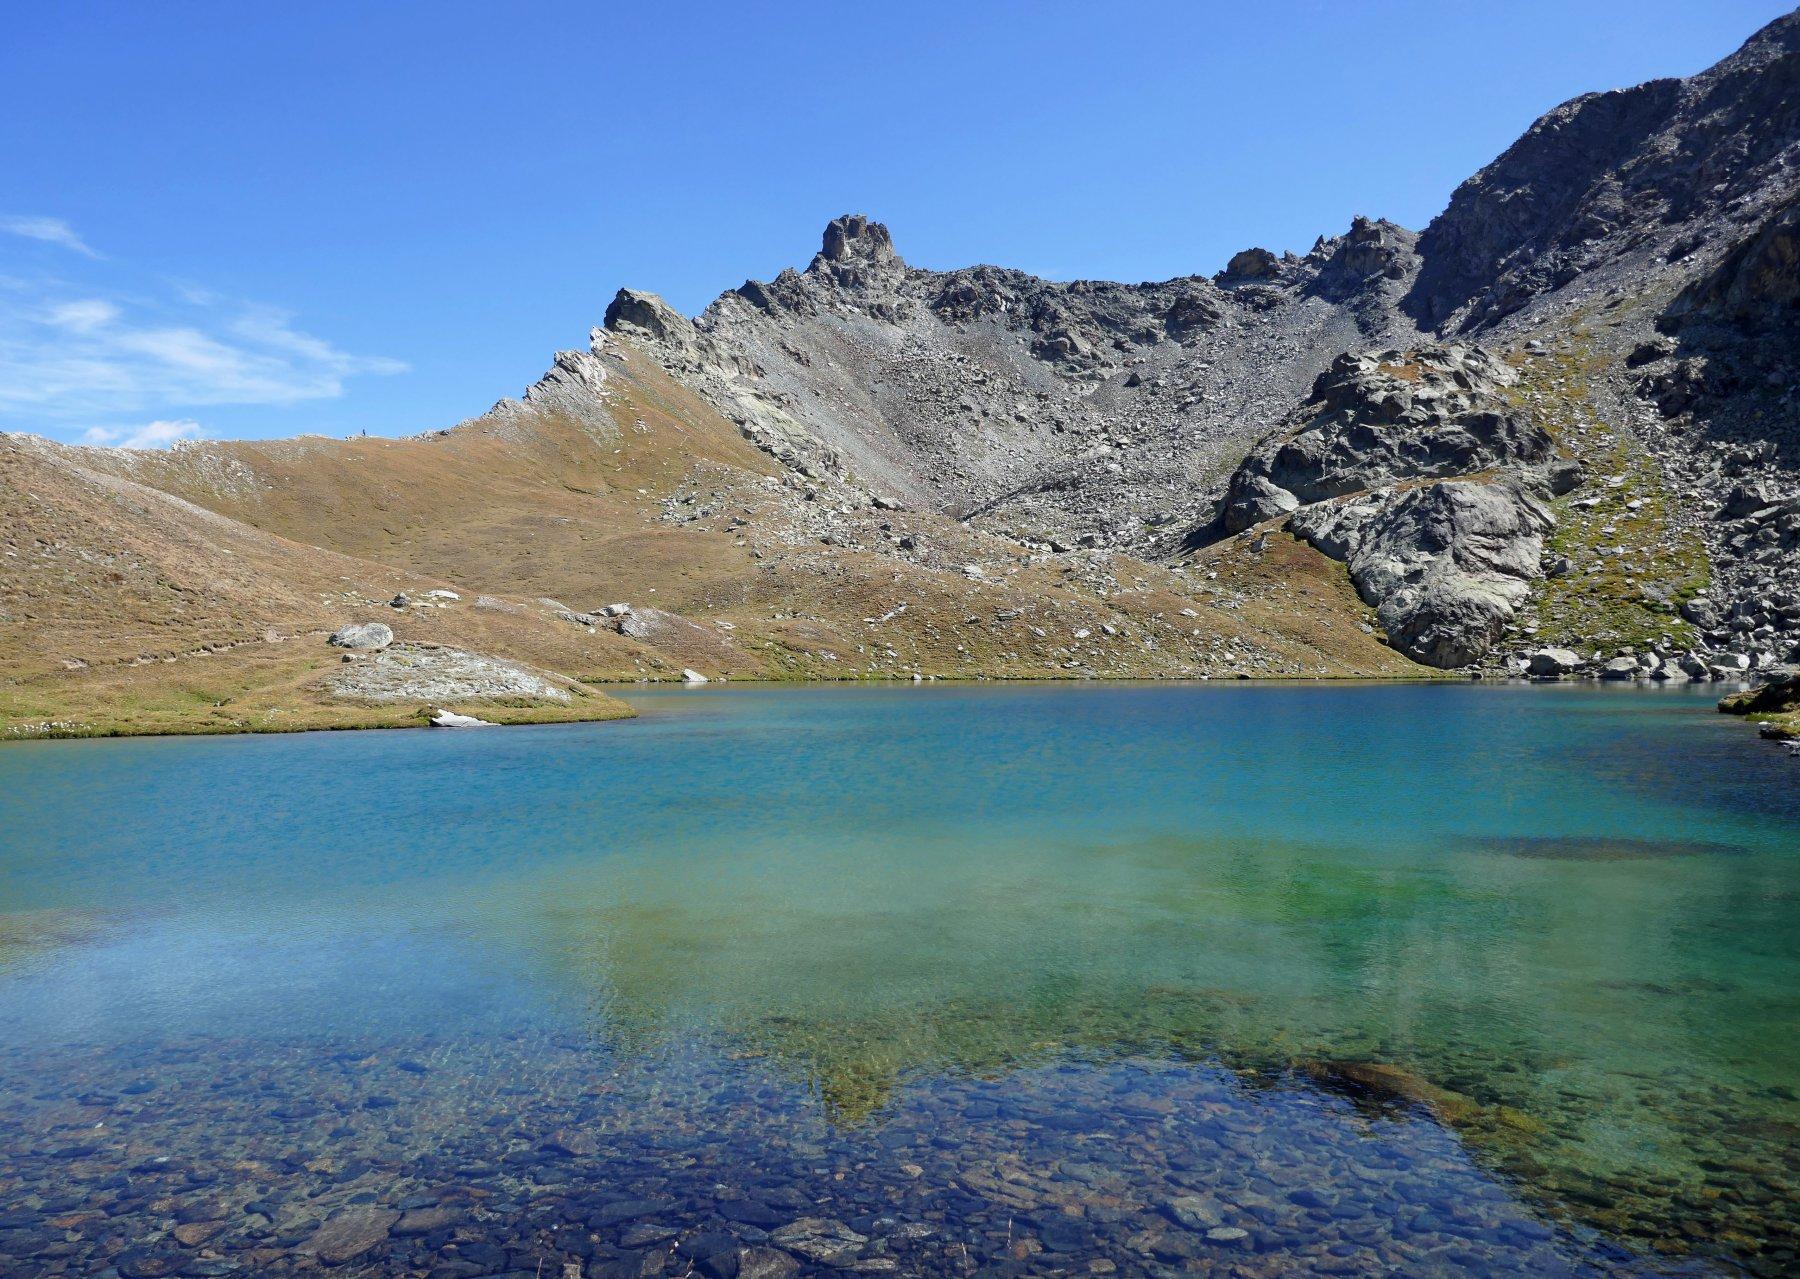 Il lago Nero e il Tour Real